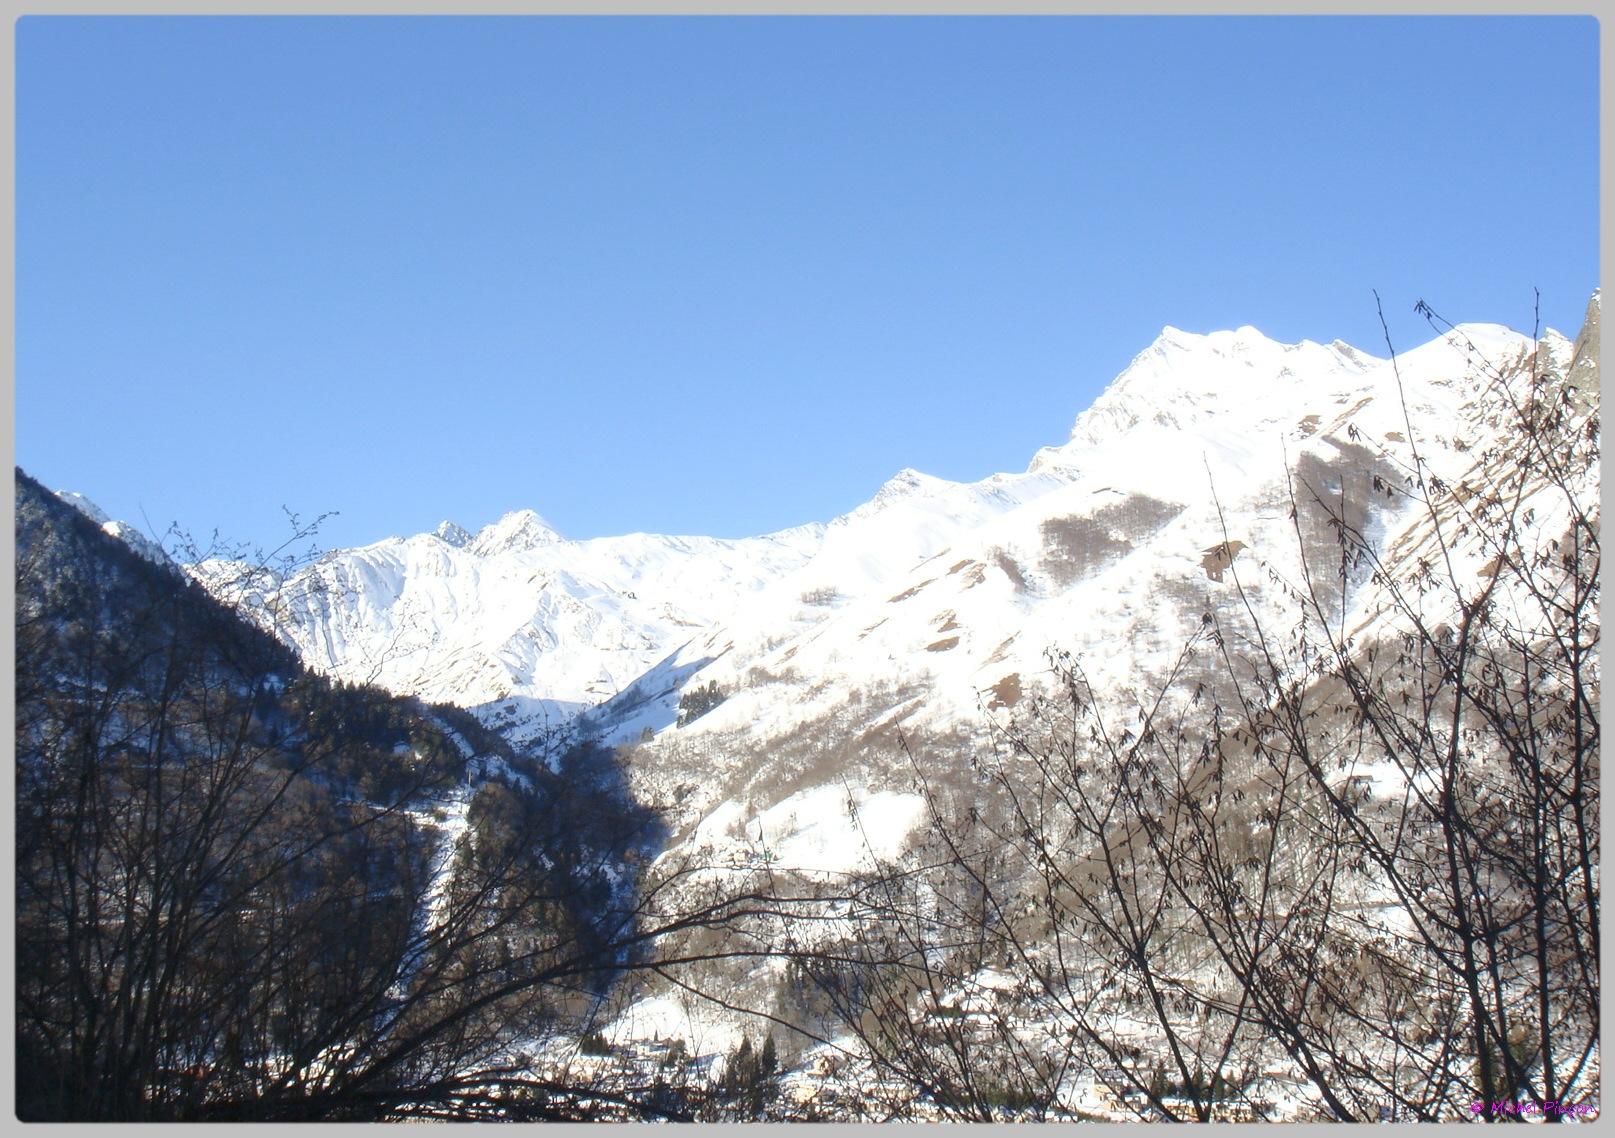 Une semaine à la Neige dans les Htes Pyrénées - Page 2 302286DSC011891